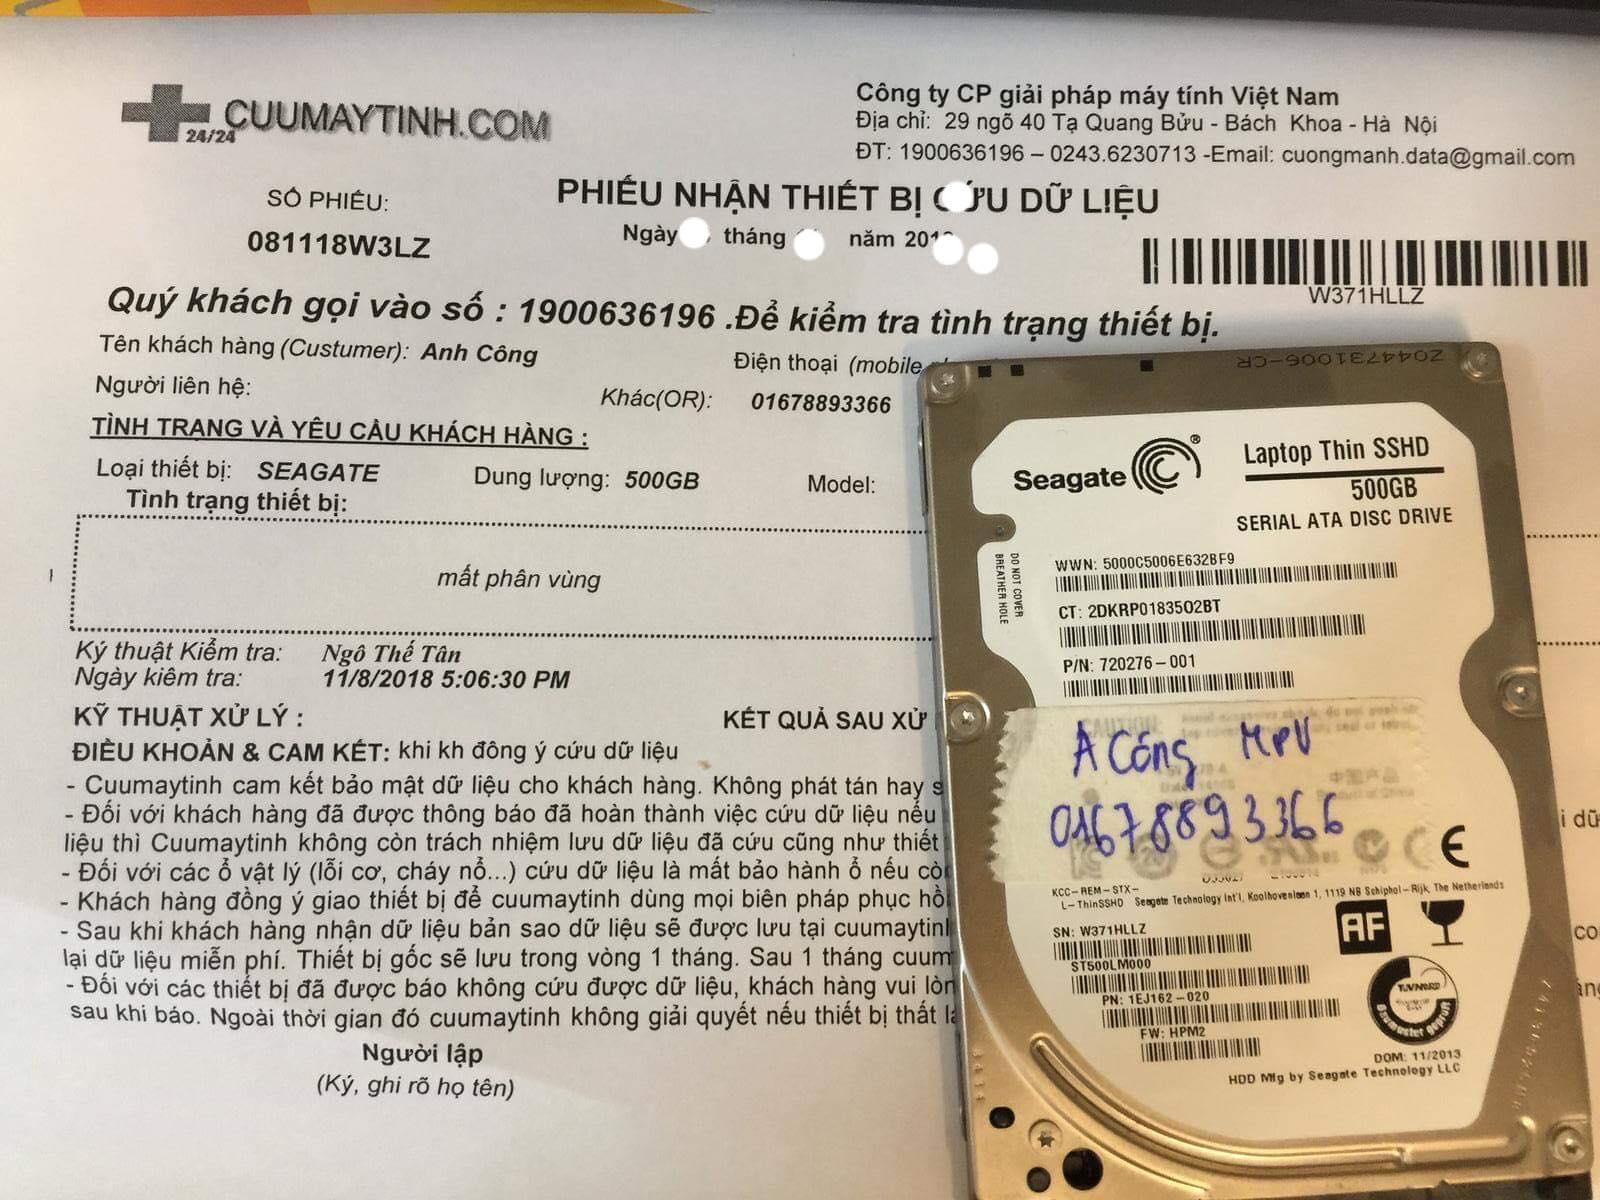 Khôi phục dữ liệu ổ cứng Seagate 500GB mất phân vùng 08/01/2019 - cuumaytinh